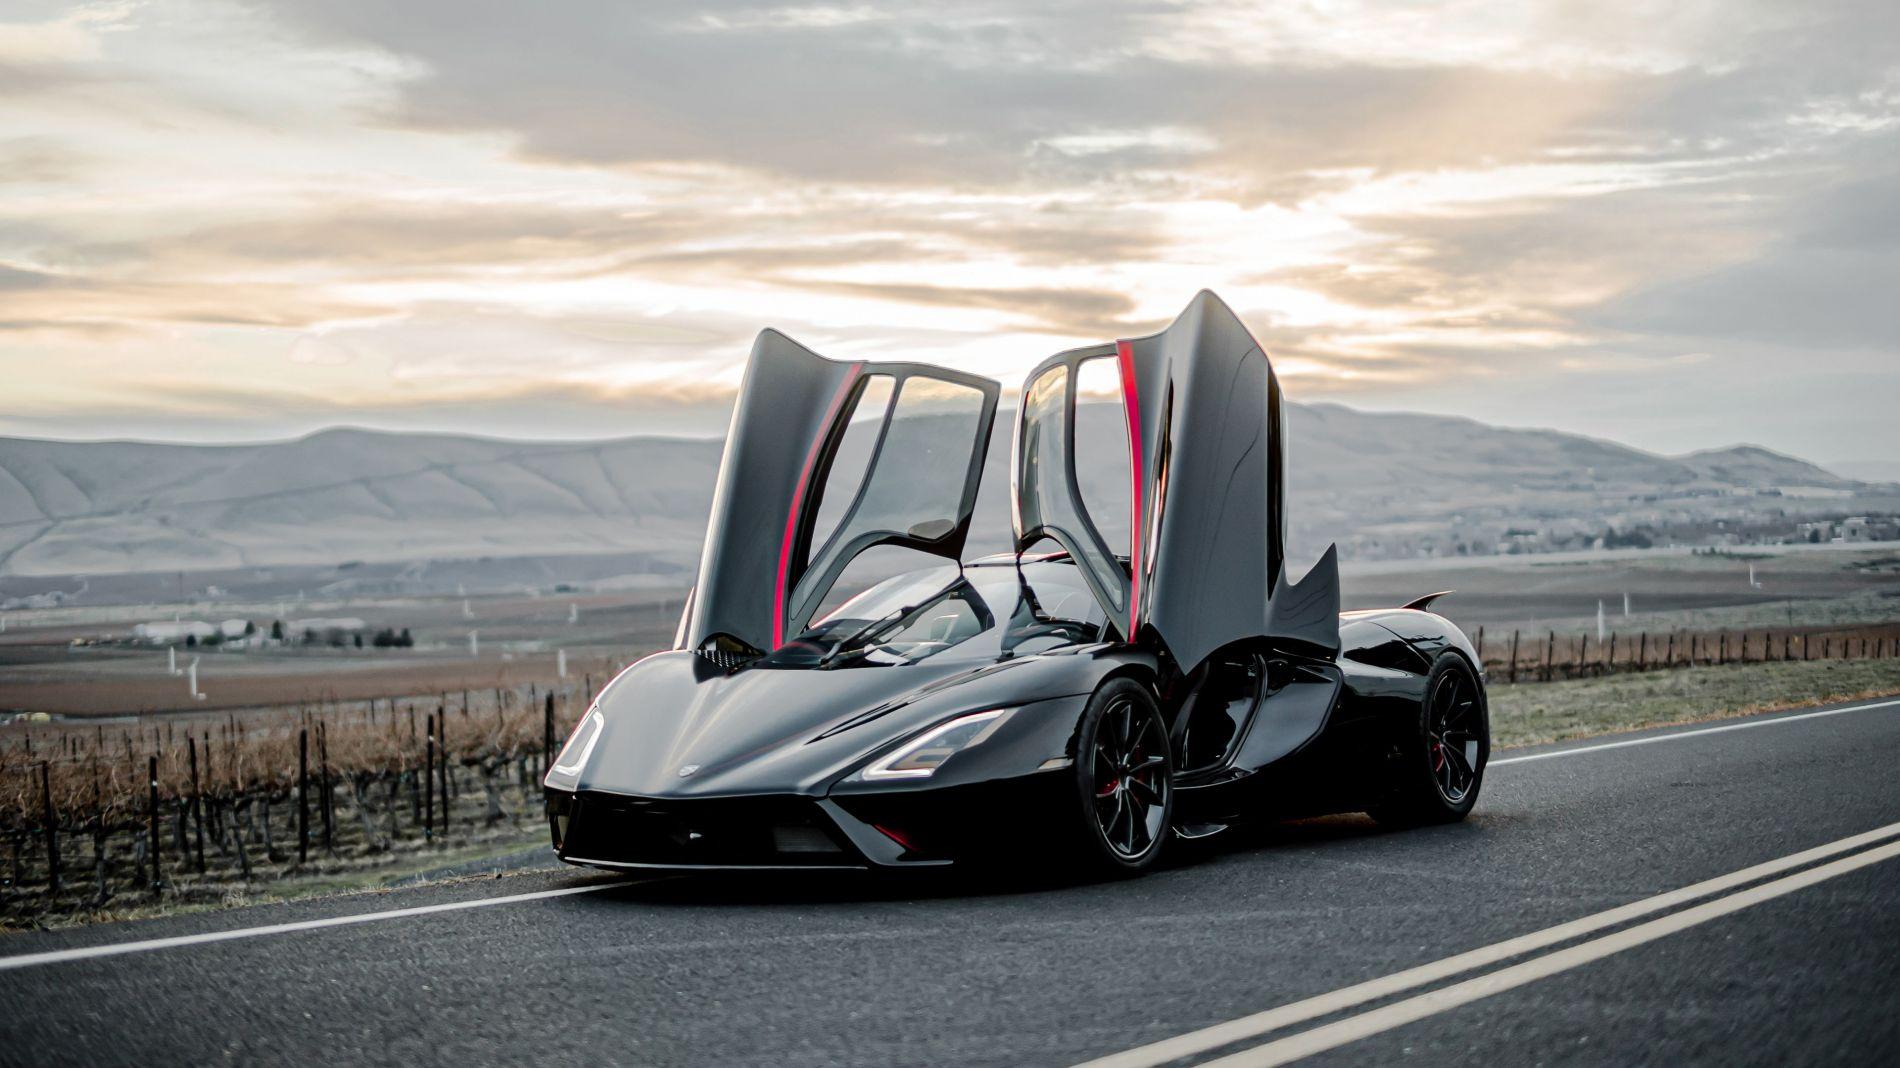 სერიულმა ჰიპერ ავტომობილმა, 532 კმ/სთ განავითარა